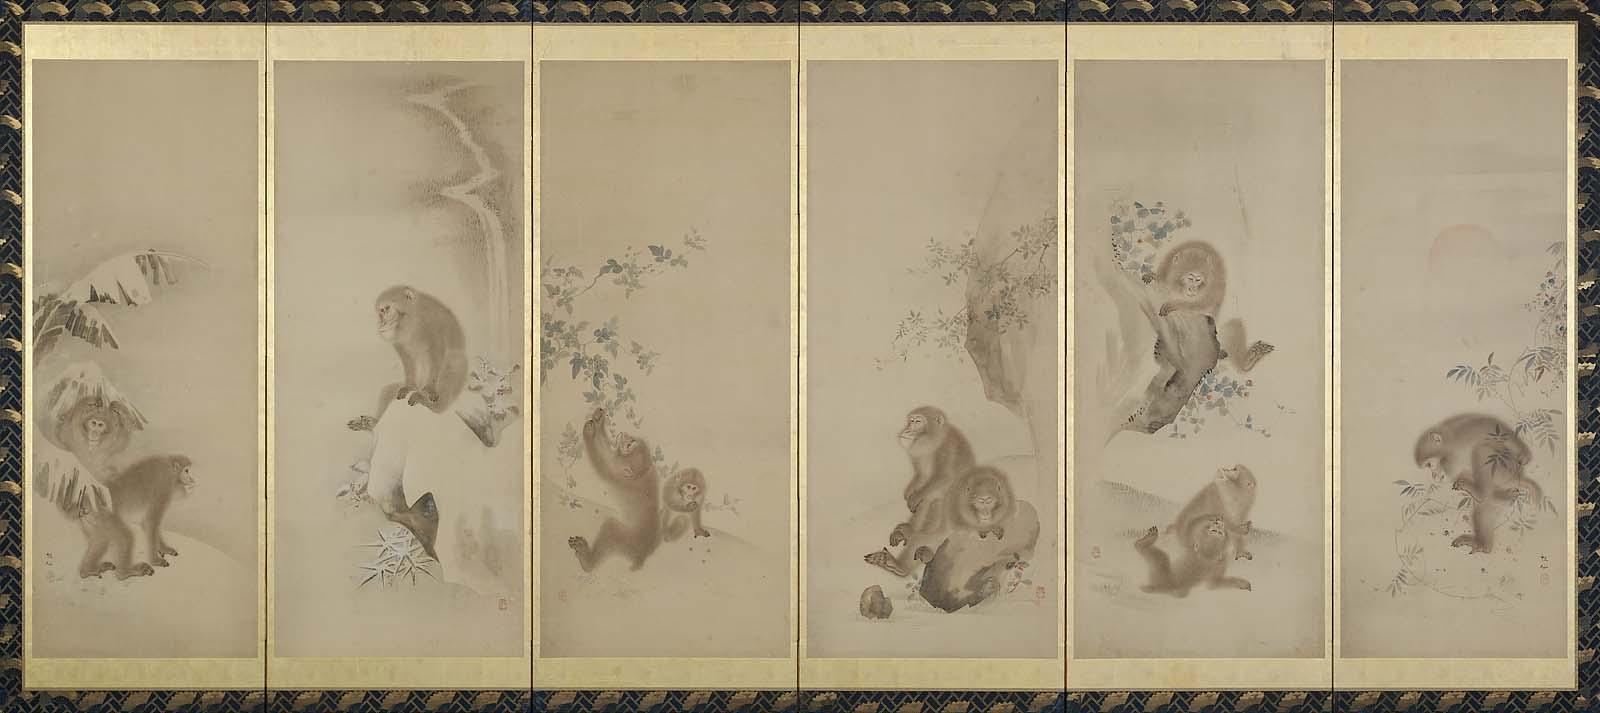 森狙仙の画像 p1_8